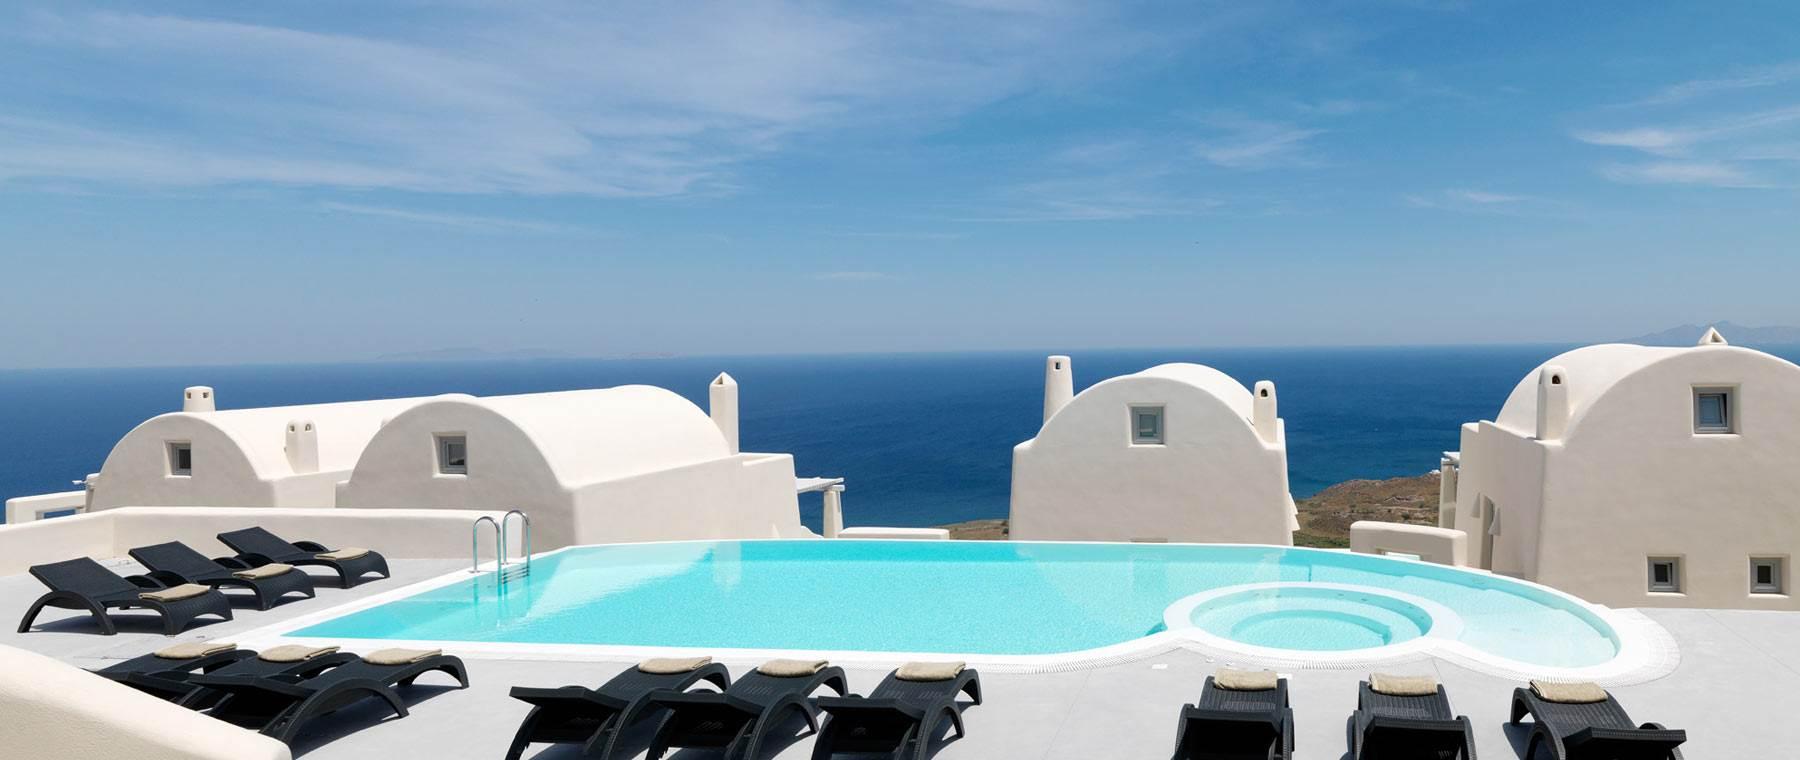 Cruise II Suite